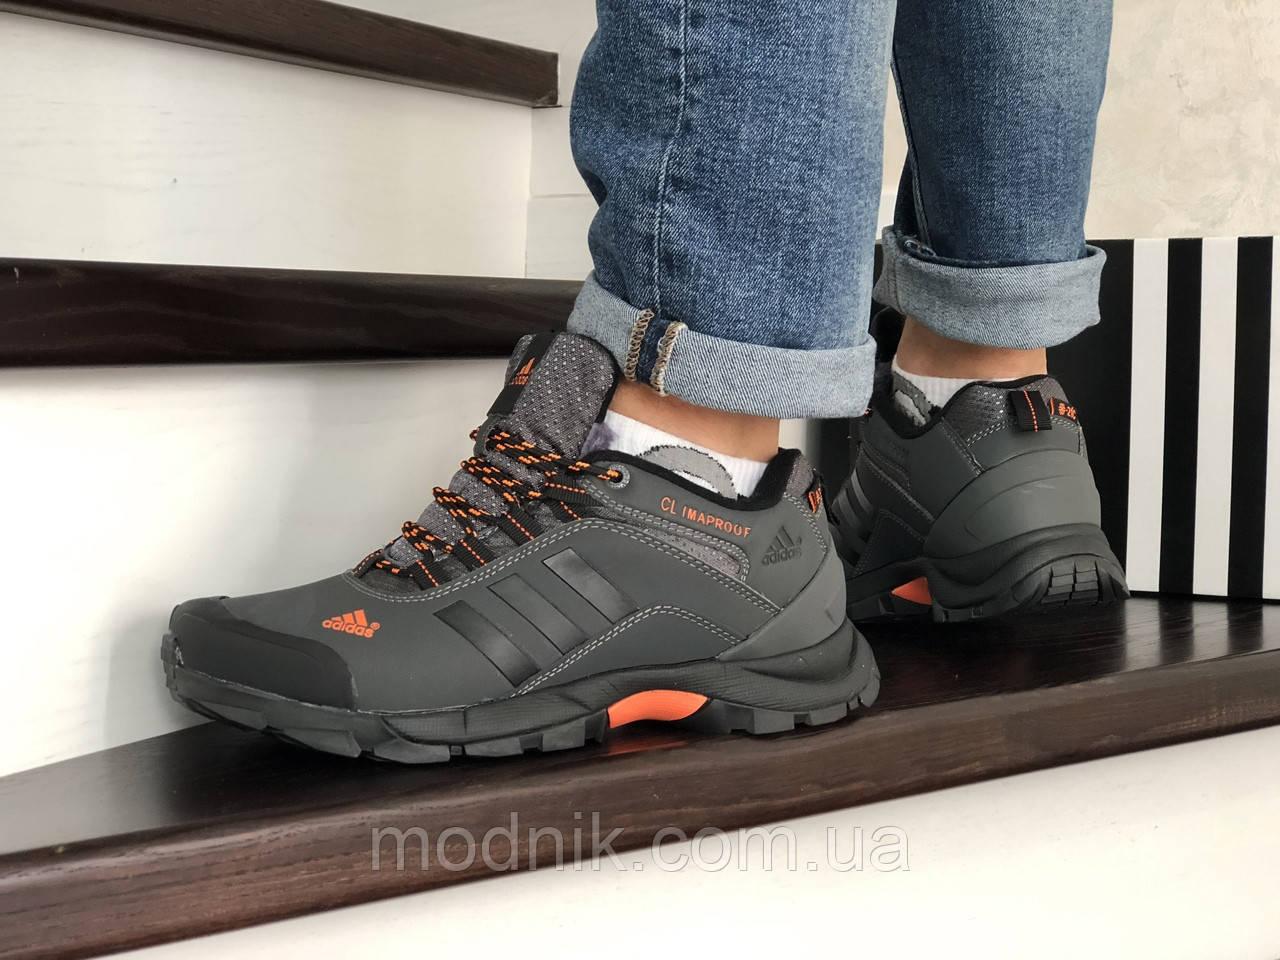 Мужские зимние кроссовки Adidas Climaproof (серые)